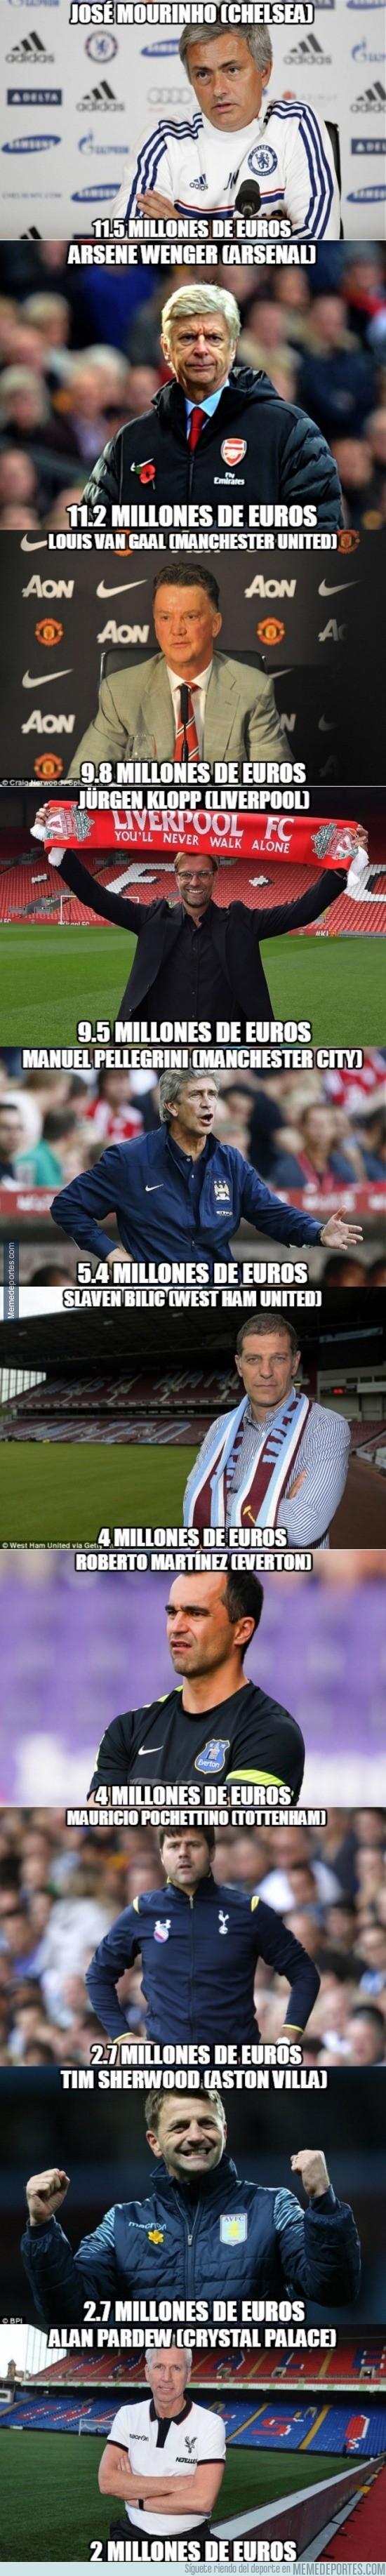 708246 - Los 10 entrenadores mejor pagados en la Premier League (salarios anuales).